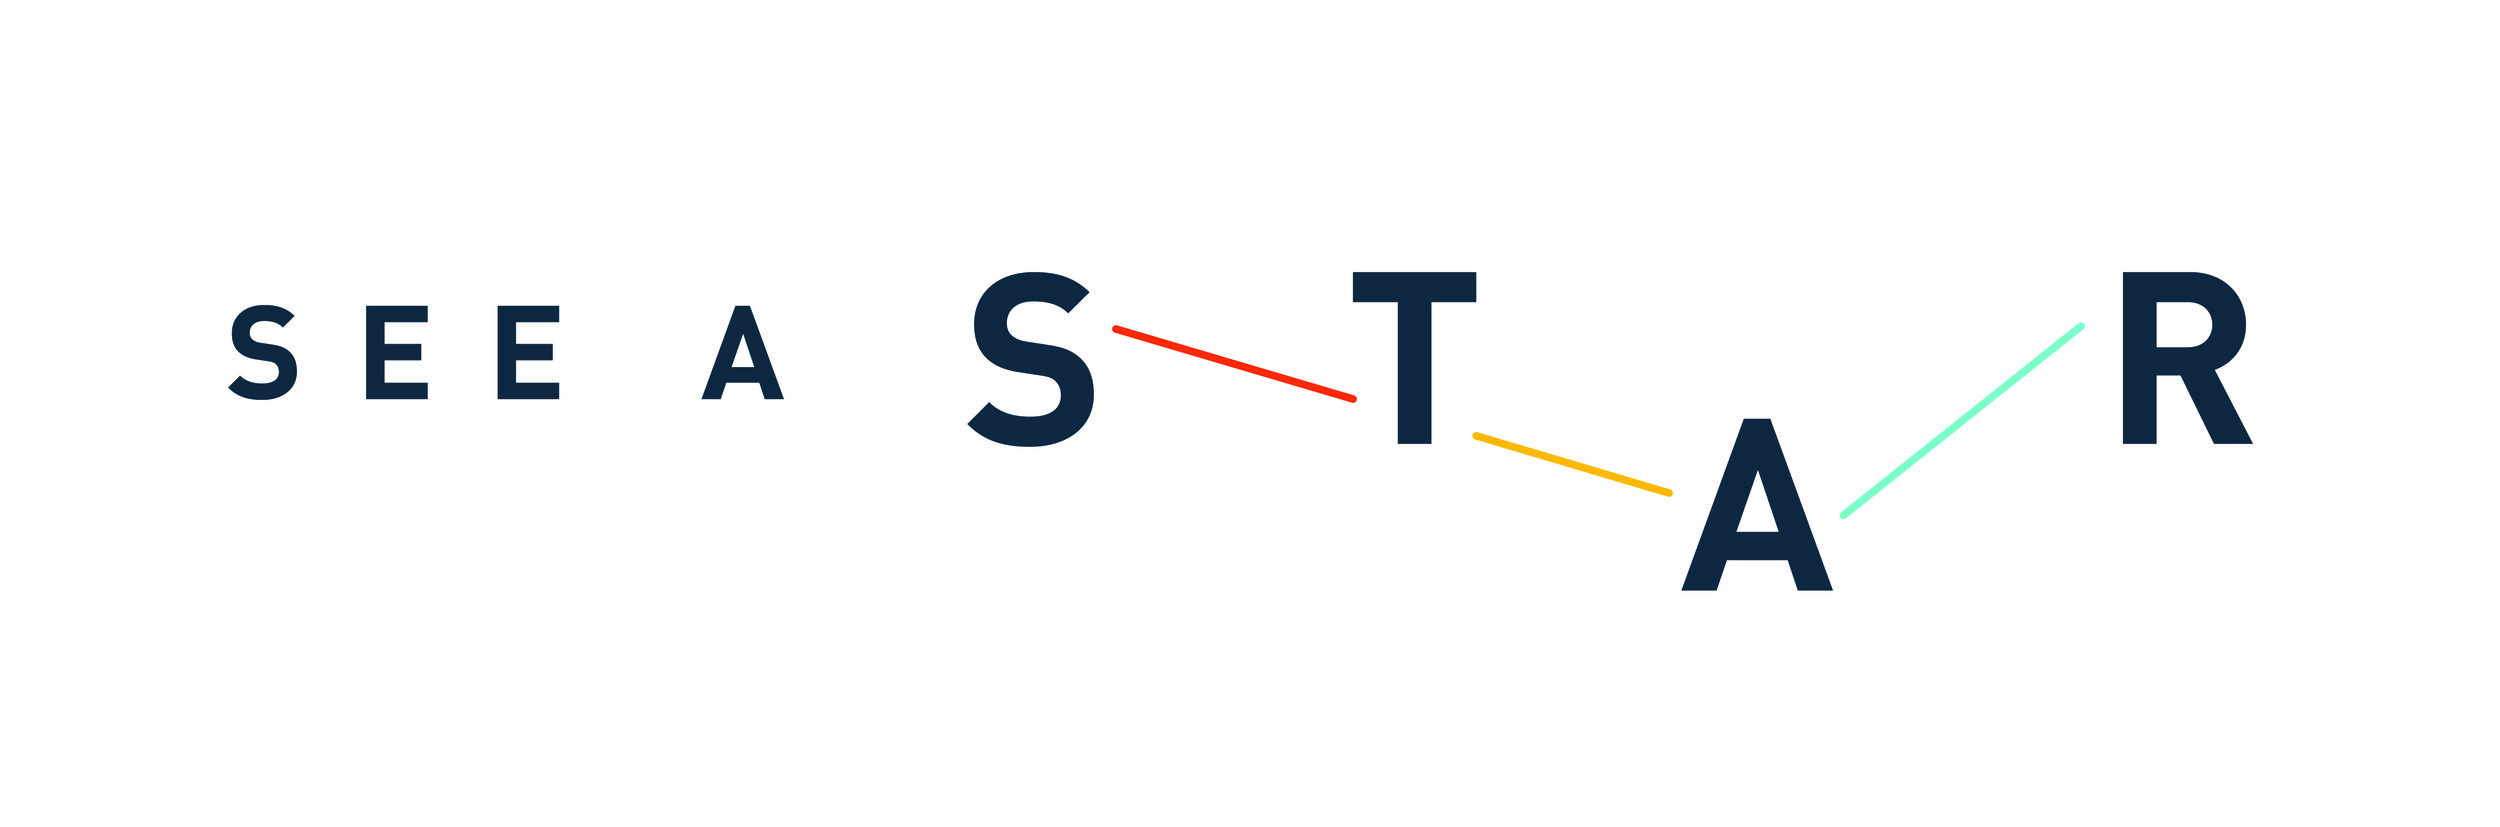 SeeAStar_Logo_Horizontal_4C.jpg